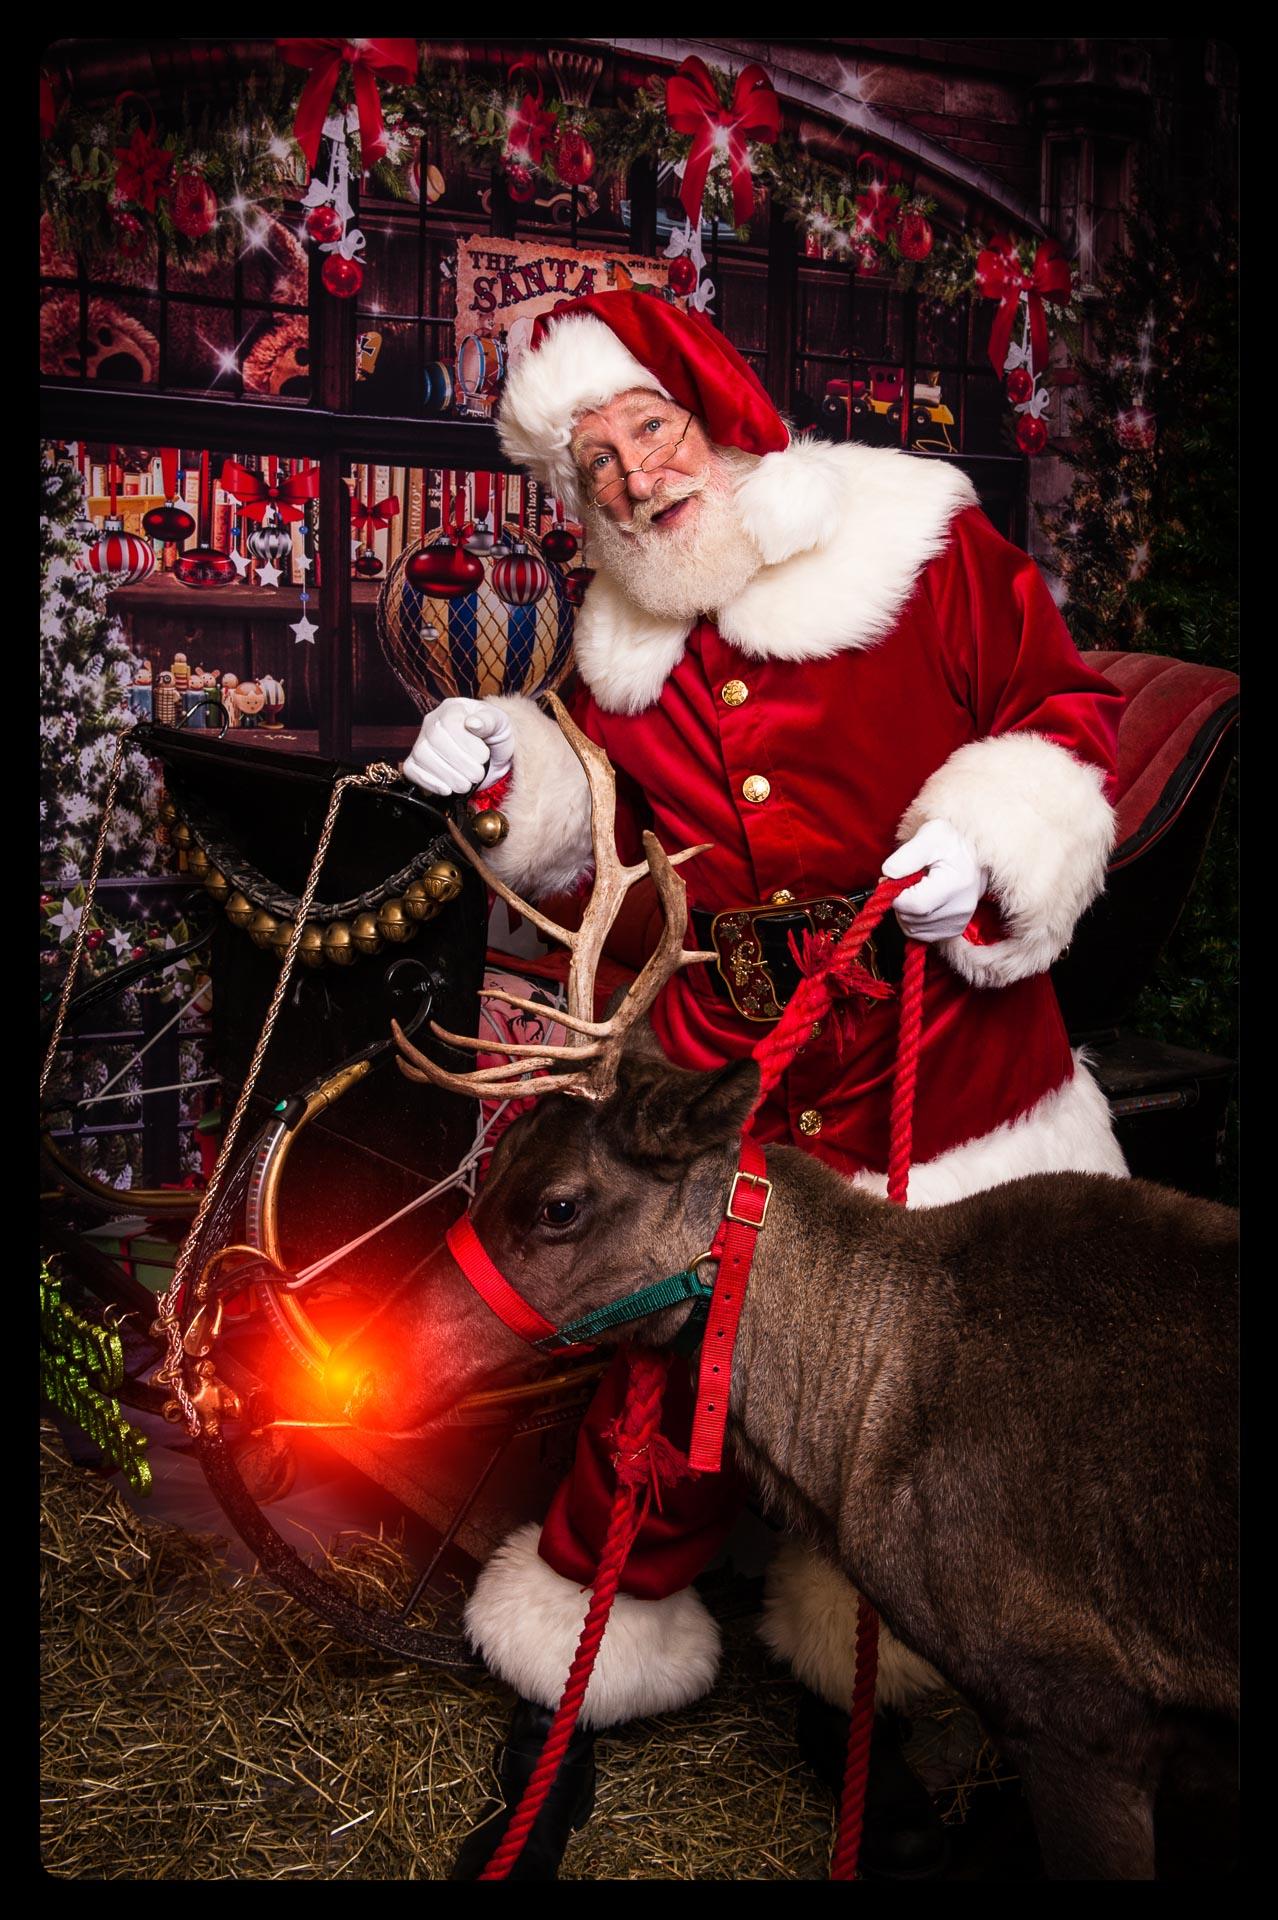 Santa Rick and Rudolph